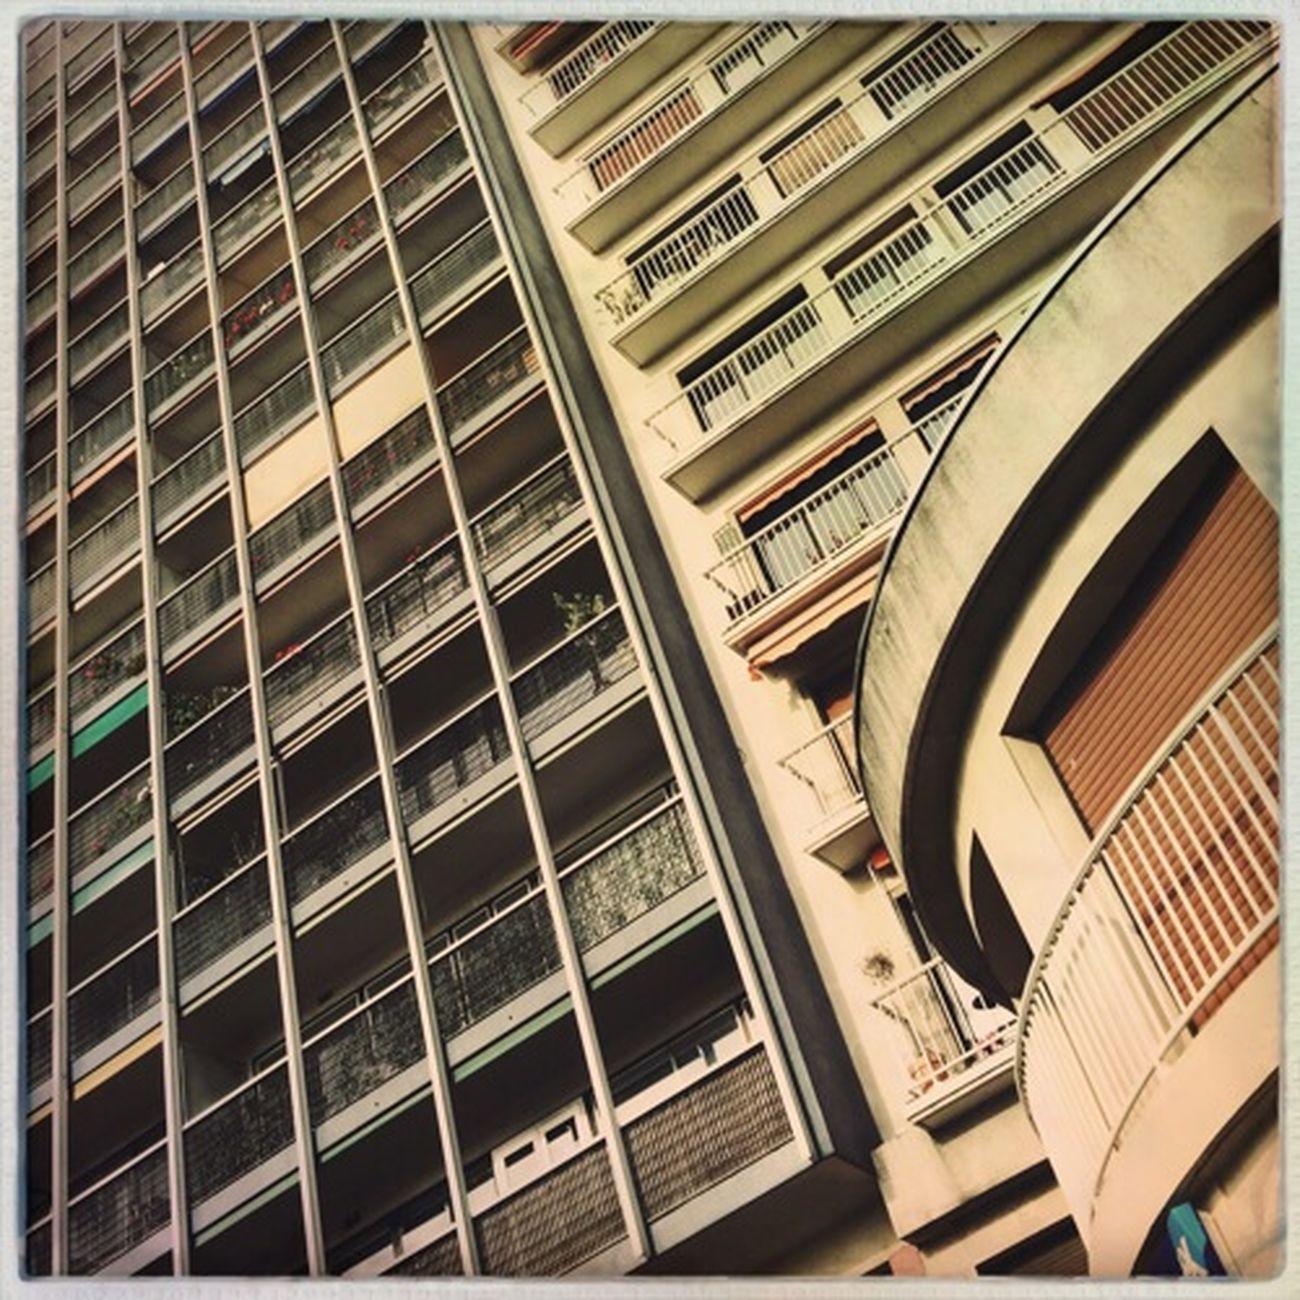 Architecture The Minimals (less Edit Juxt Photography) NEM Architecture WeAreJuxt.com